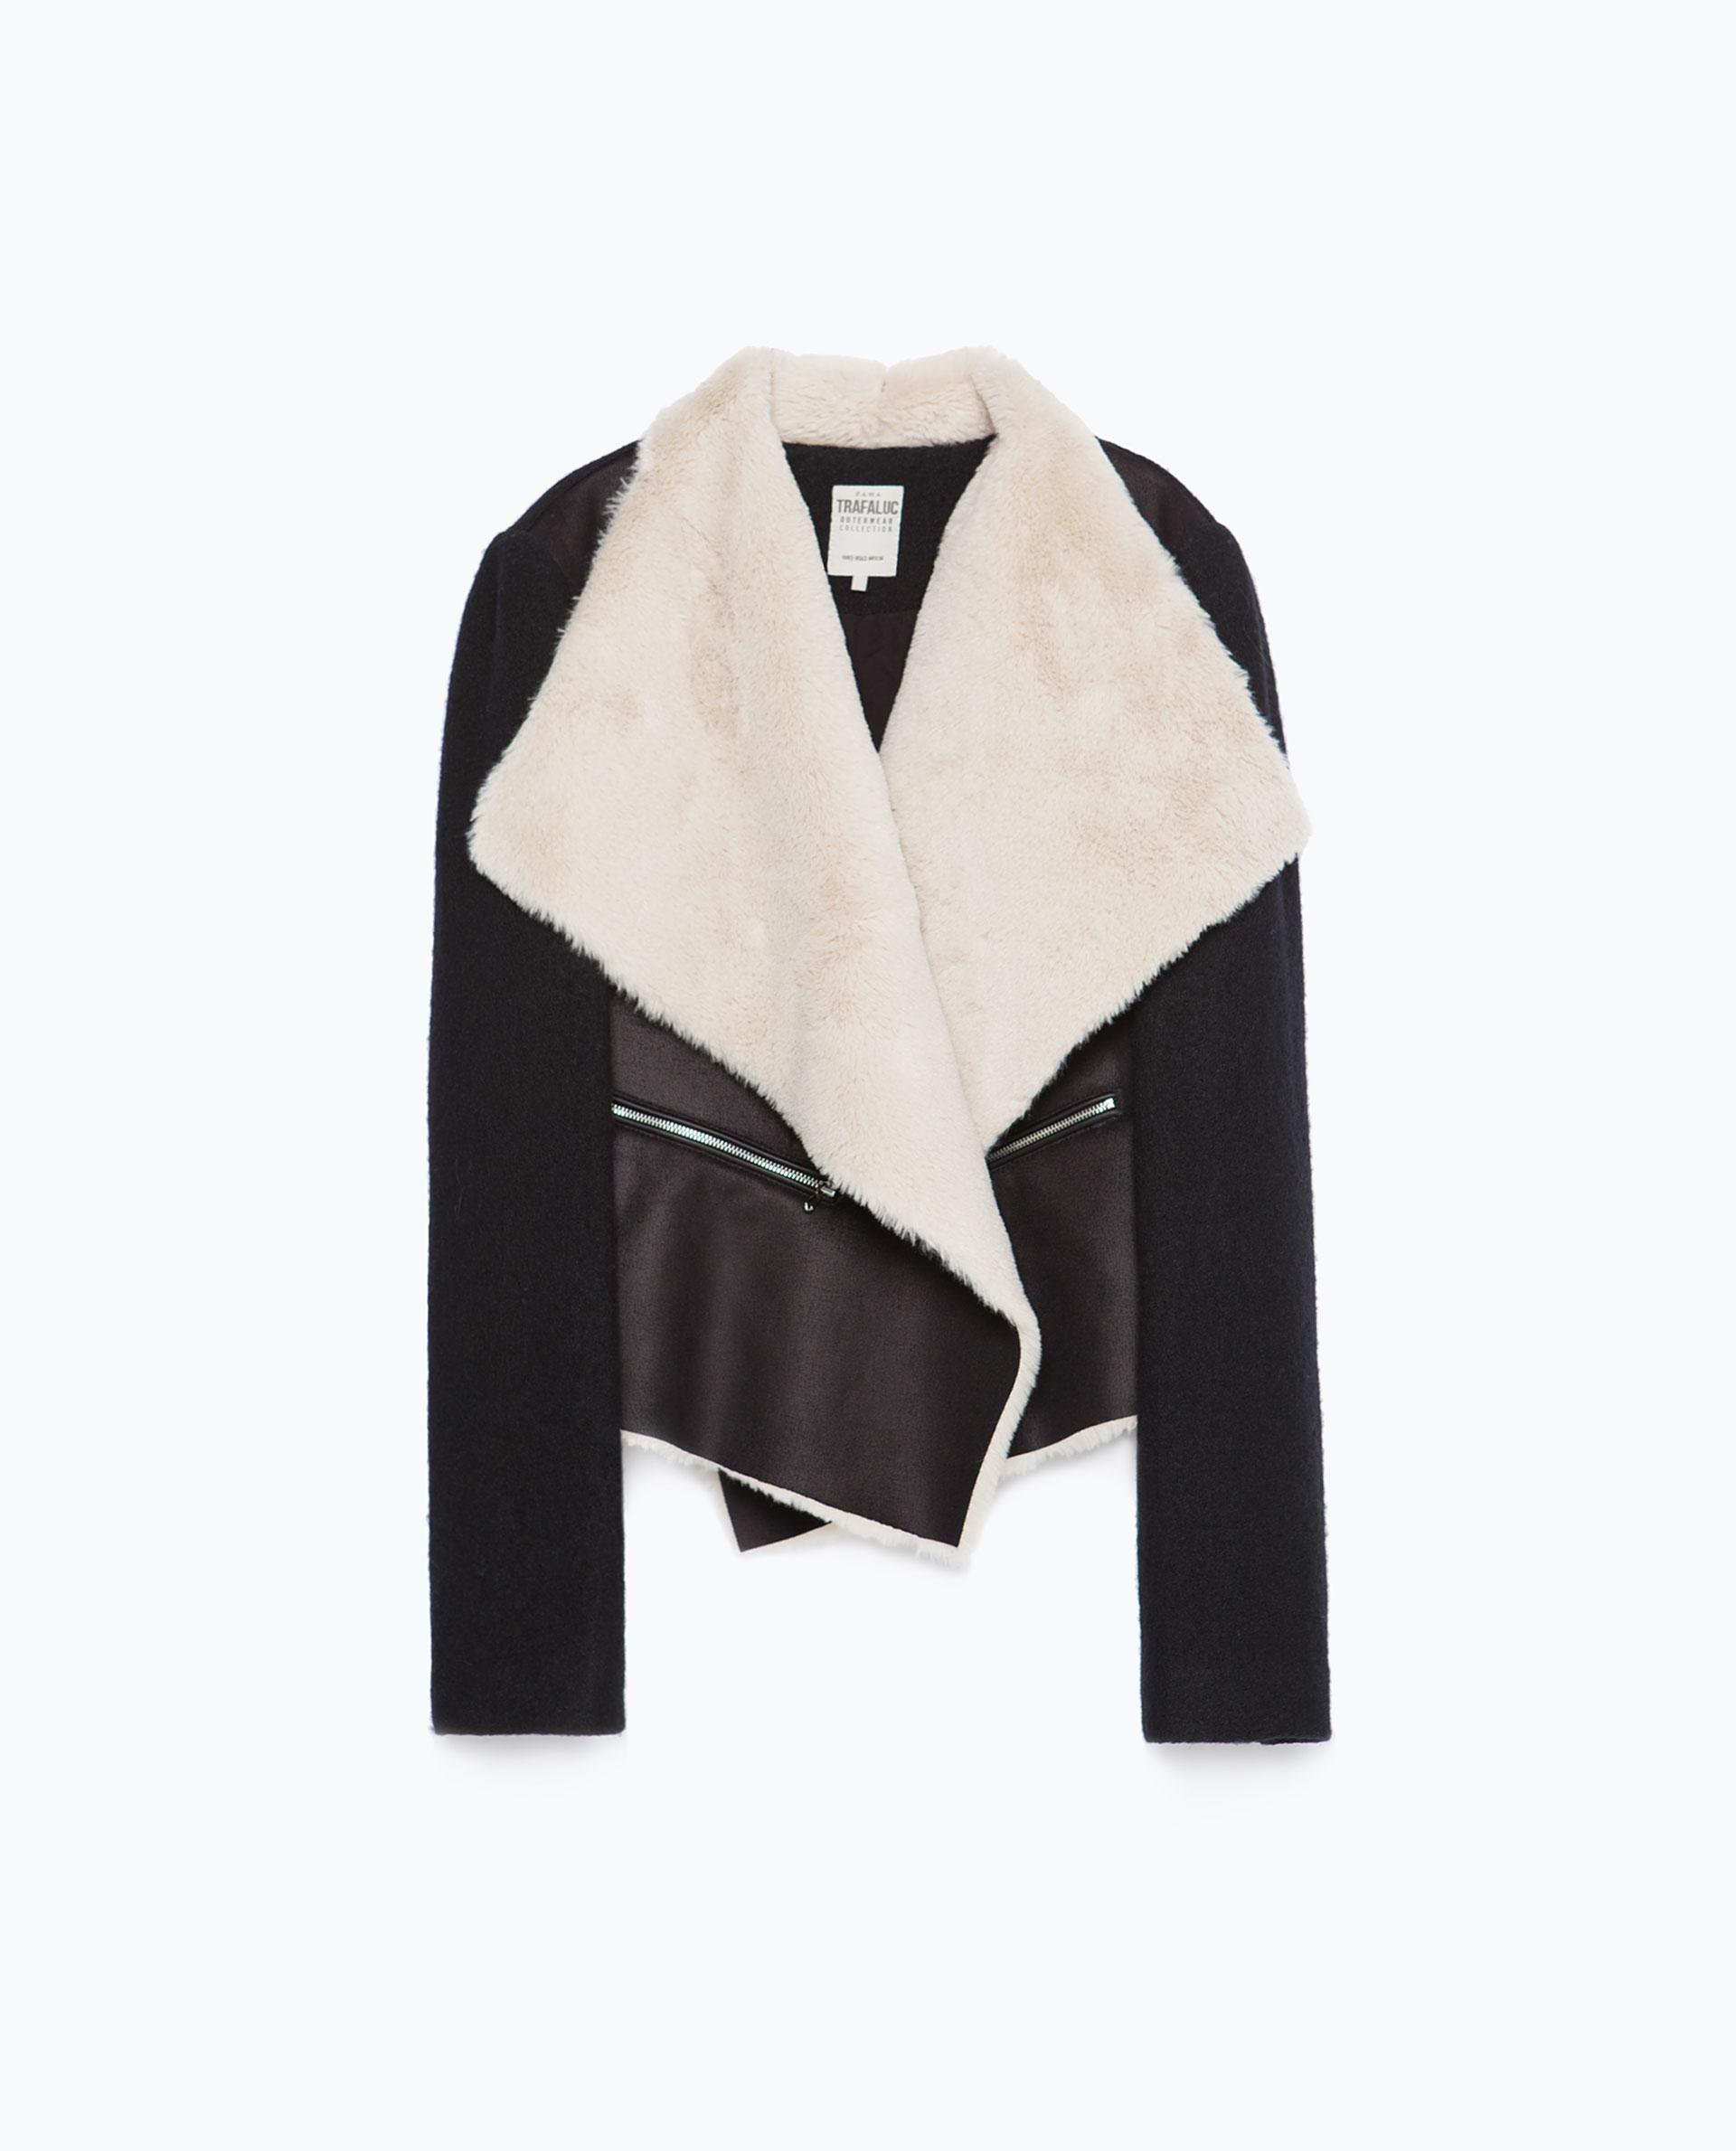 Zara Fleece Jacket in Black | Lyst